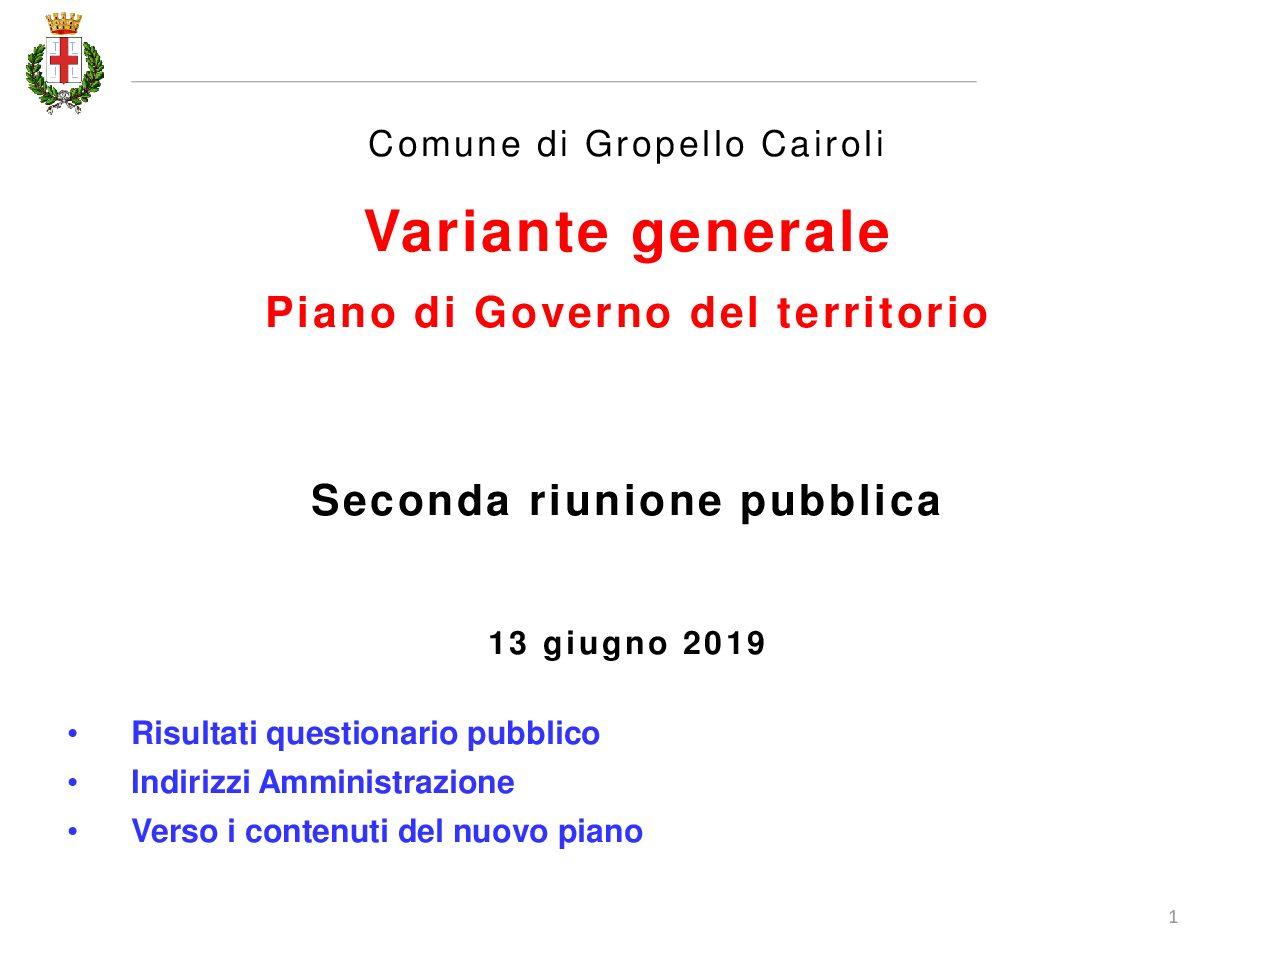 Variante Generale PGT – Seconda riunione pubblica